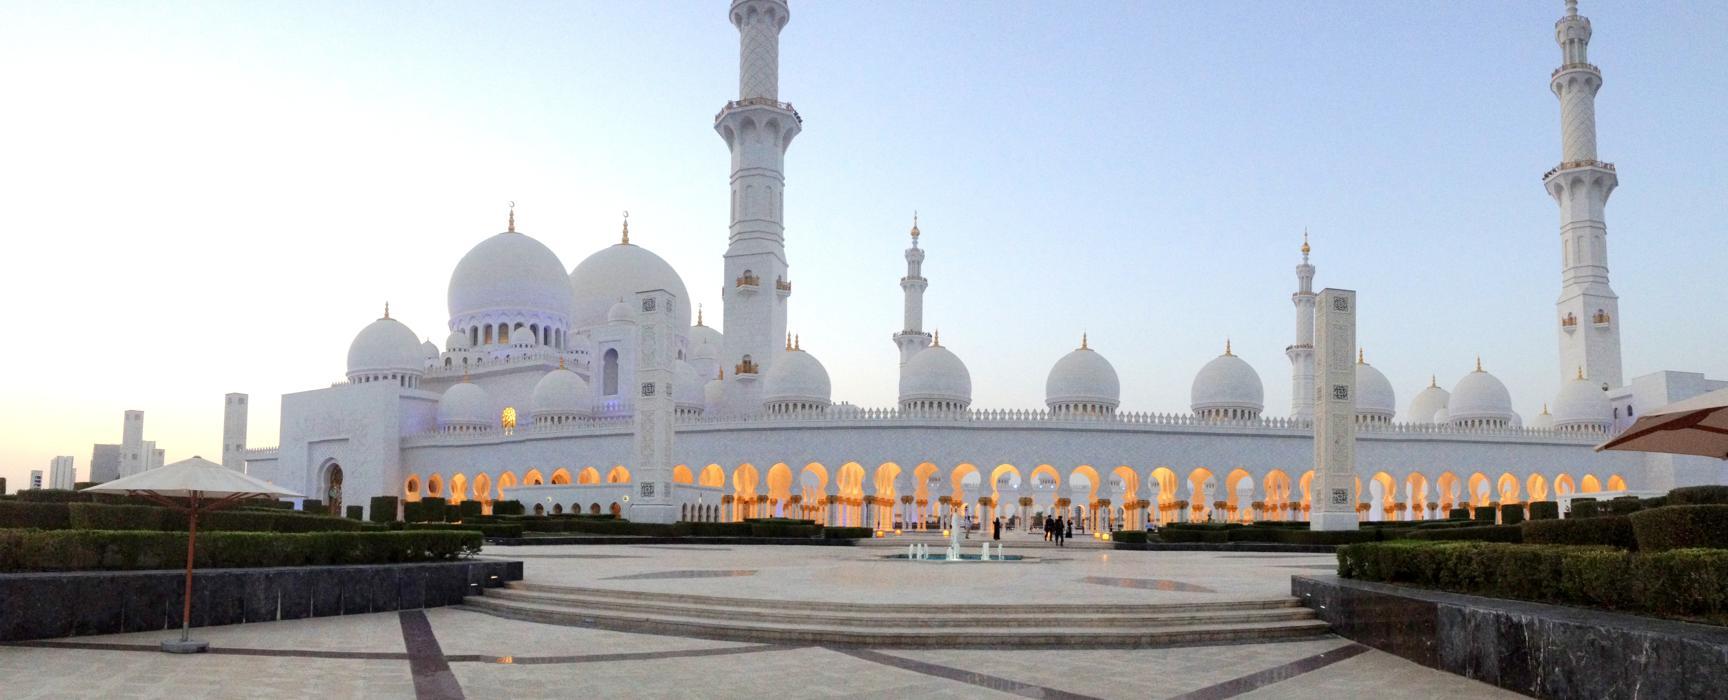 mezquita-abu-dhabi-1